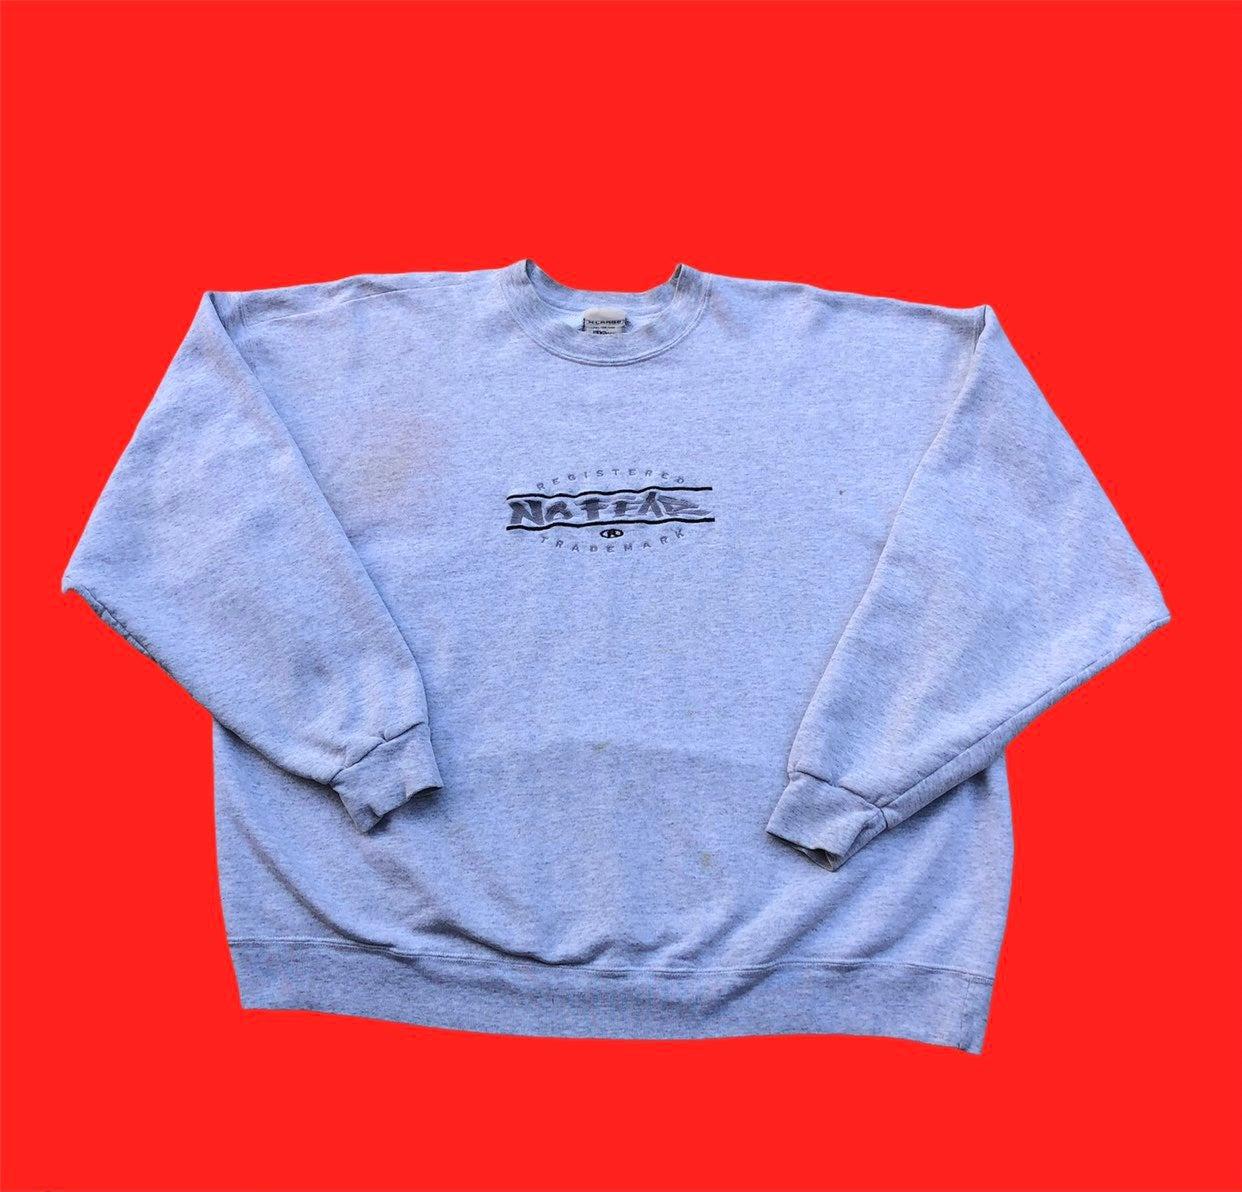 Vintage 90s No Fear Sweatshirt XL